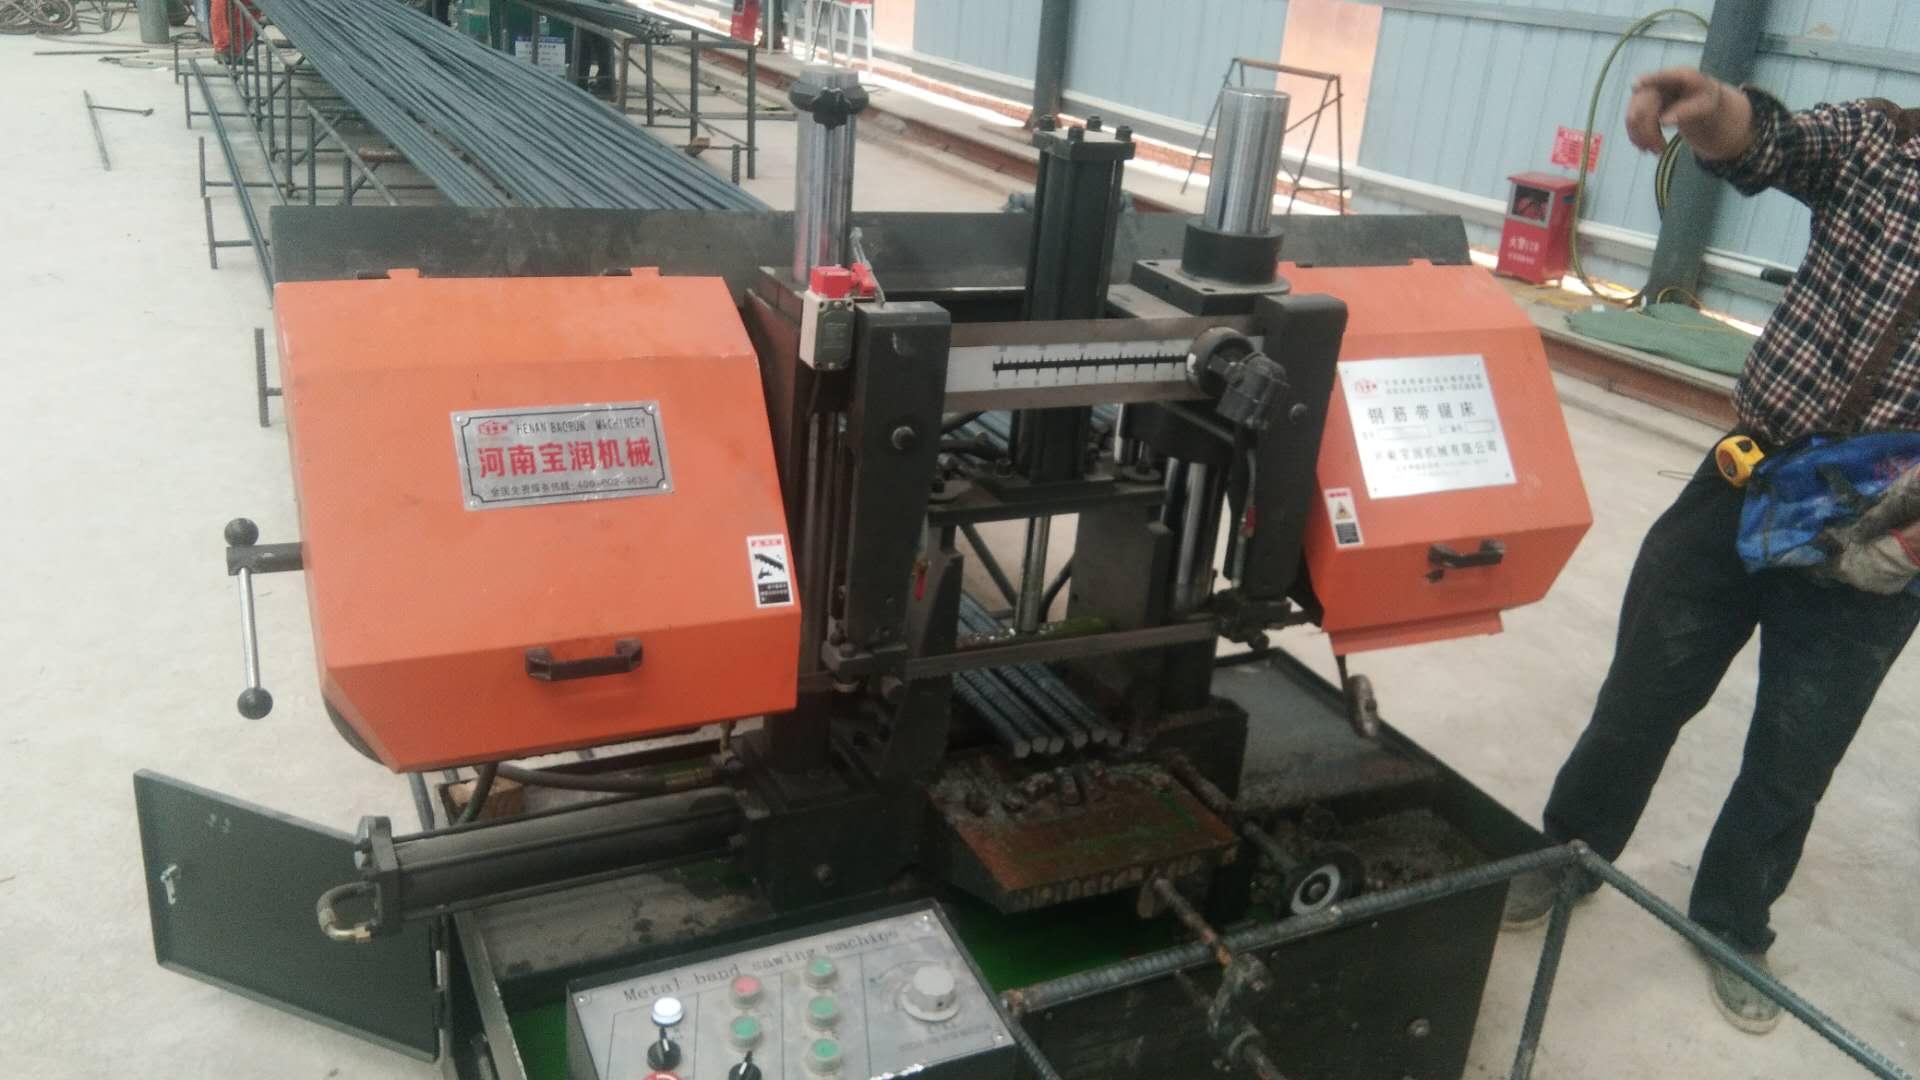 4230金属锯床欢迎进厂参观上饶4230金属锯床